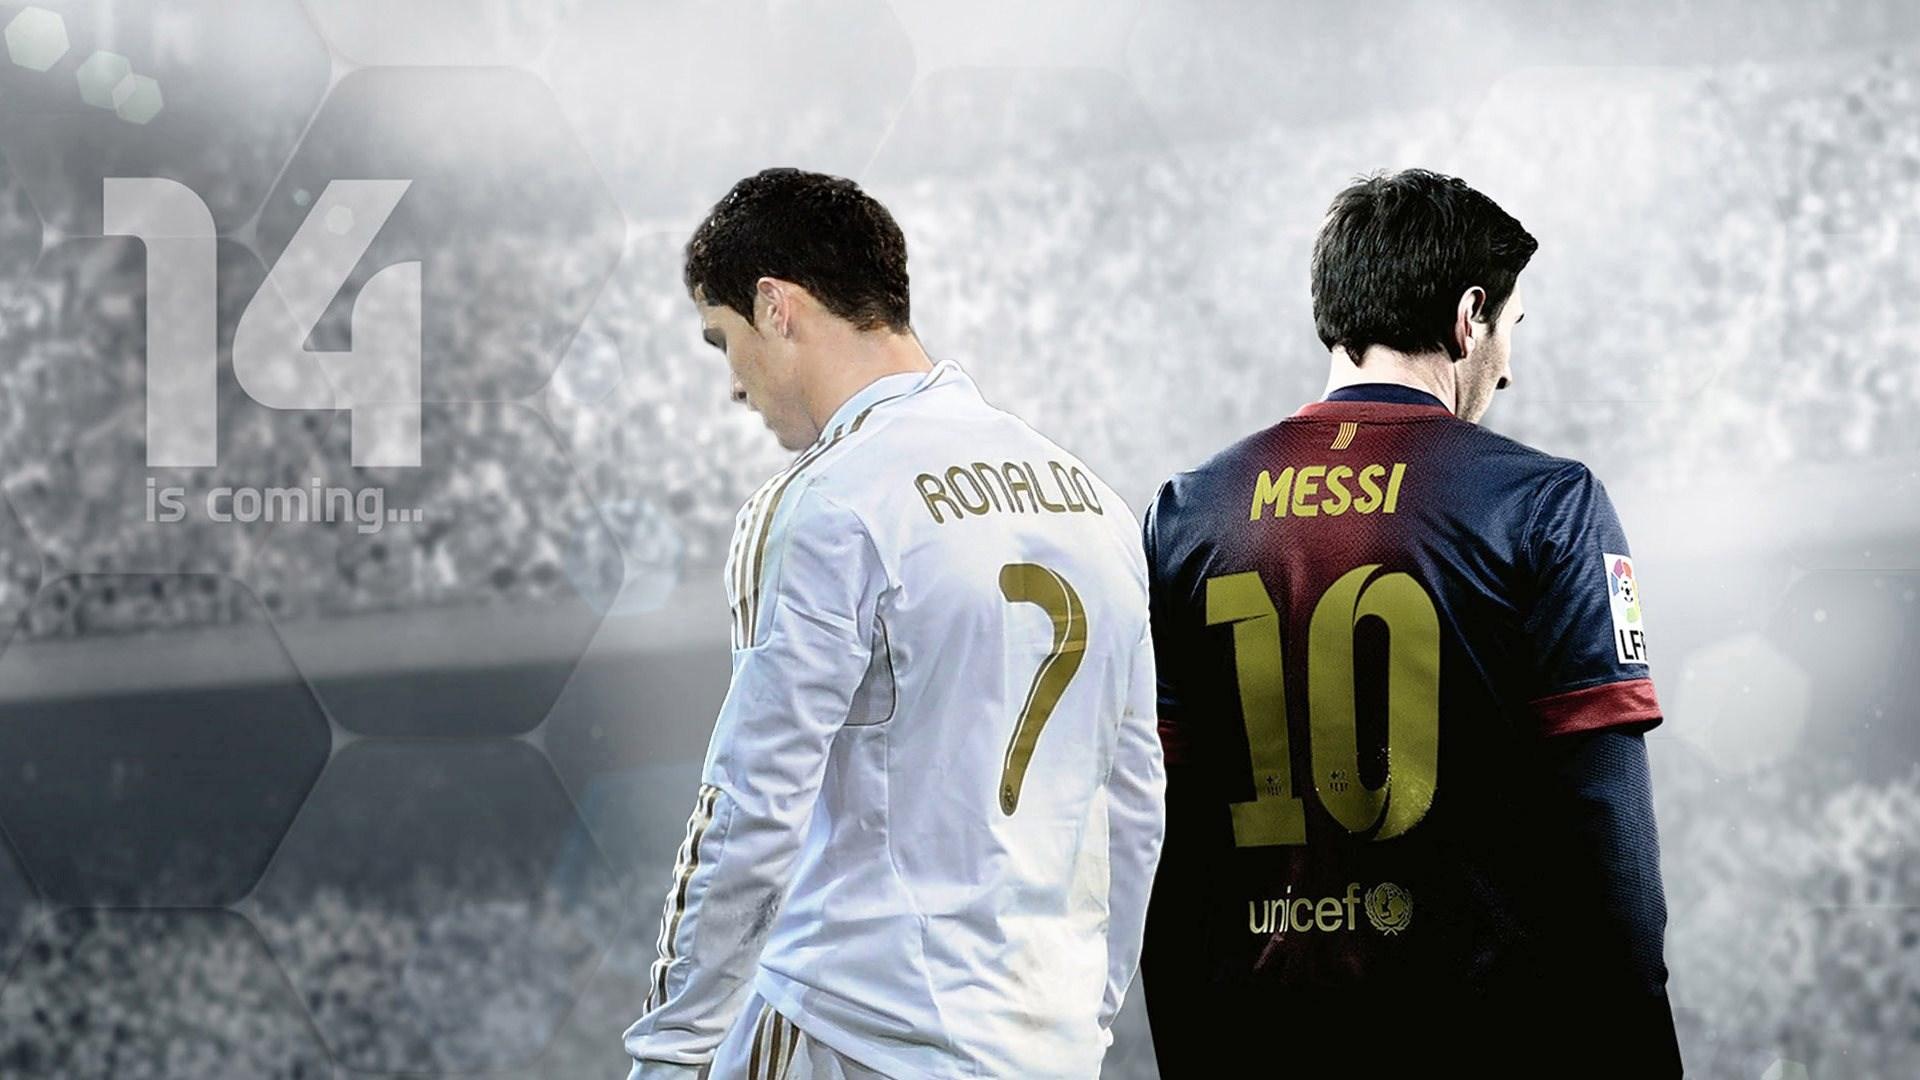 Lionel Messi And Cristiano Ronaldo Wallpaper Hd